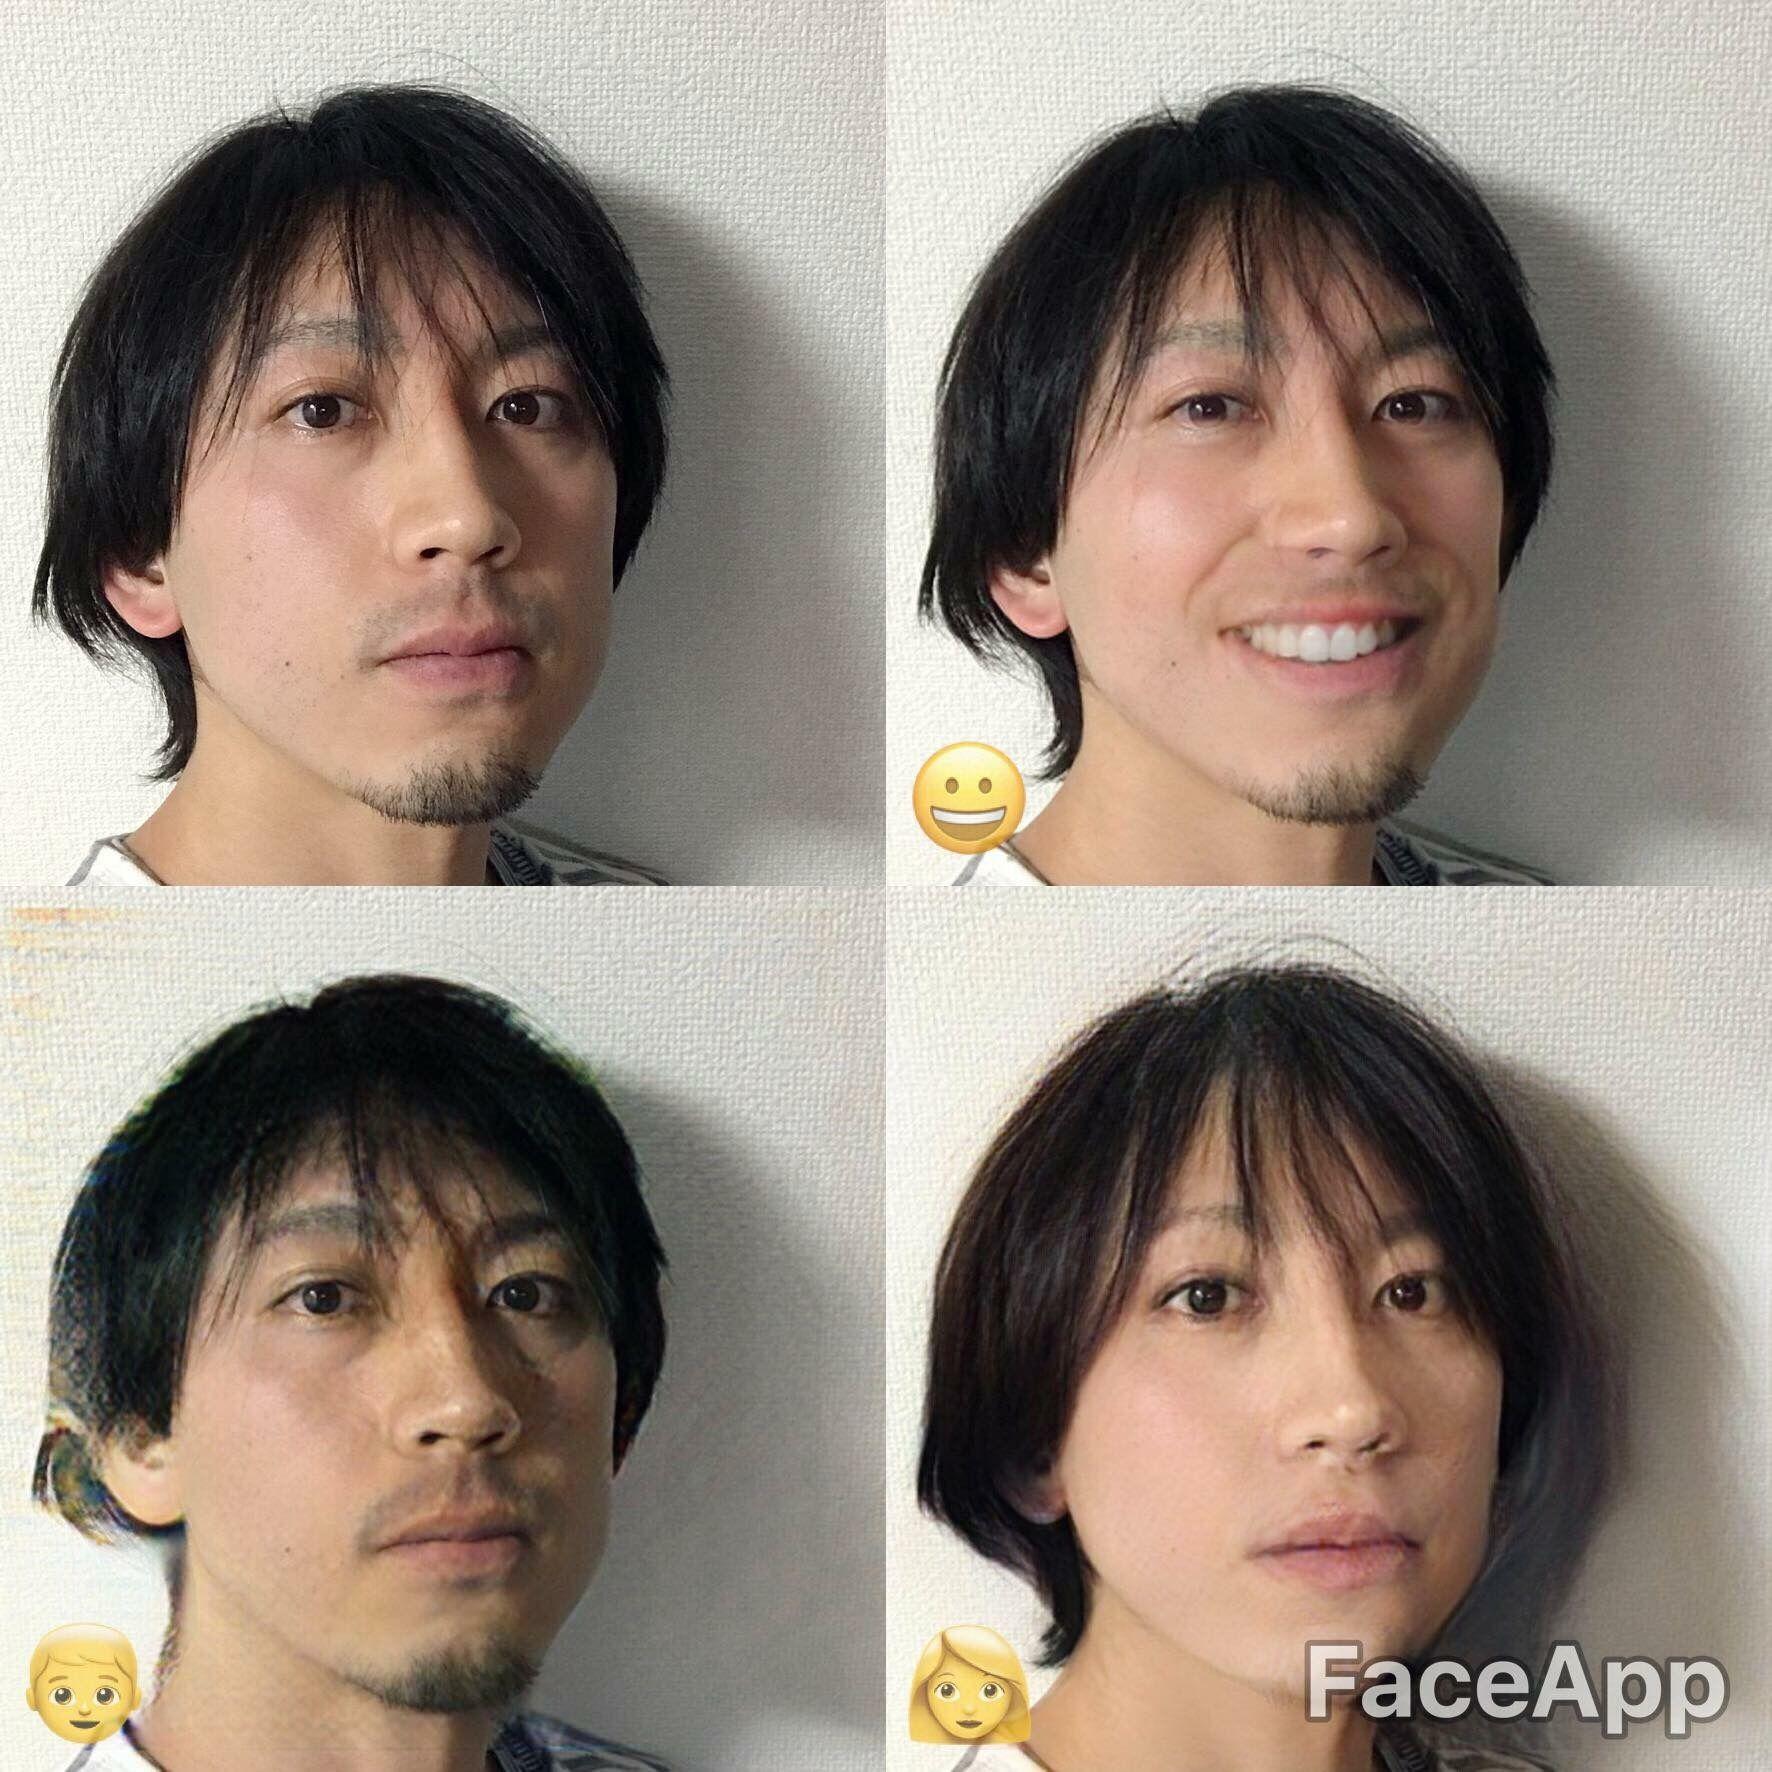 美女になれると話題のカメラアプリ Faceapp アラフォー男子が試すと悲惨な結果に 世永玲生 Engadget 日本版 悲惨 パターン 学習